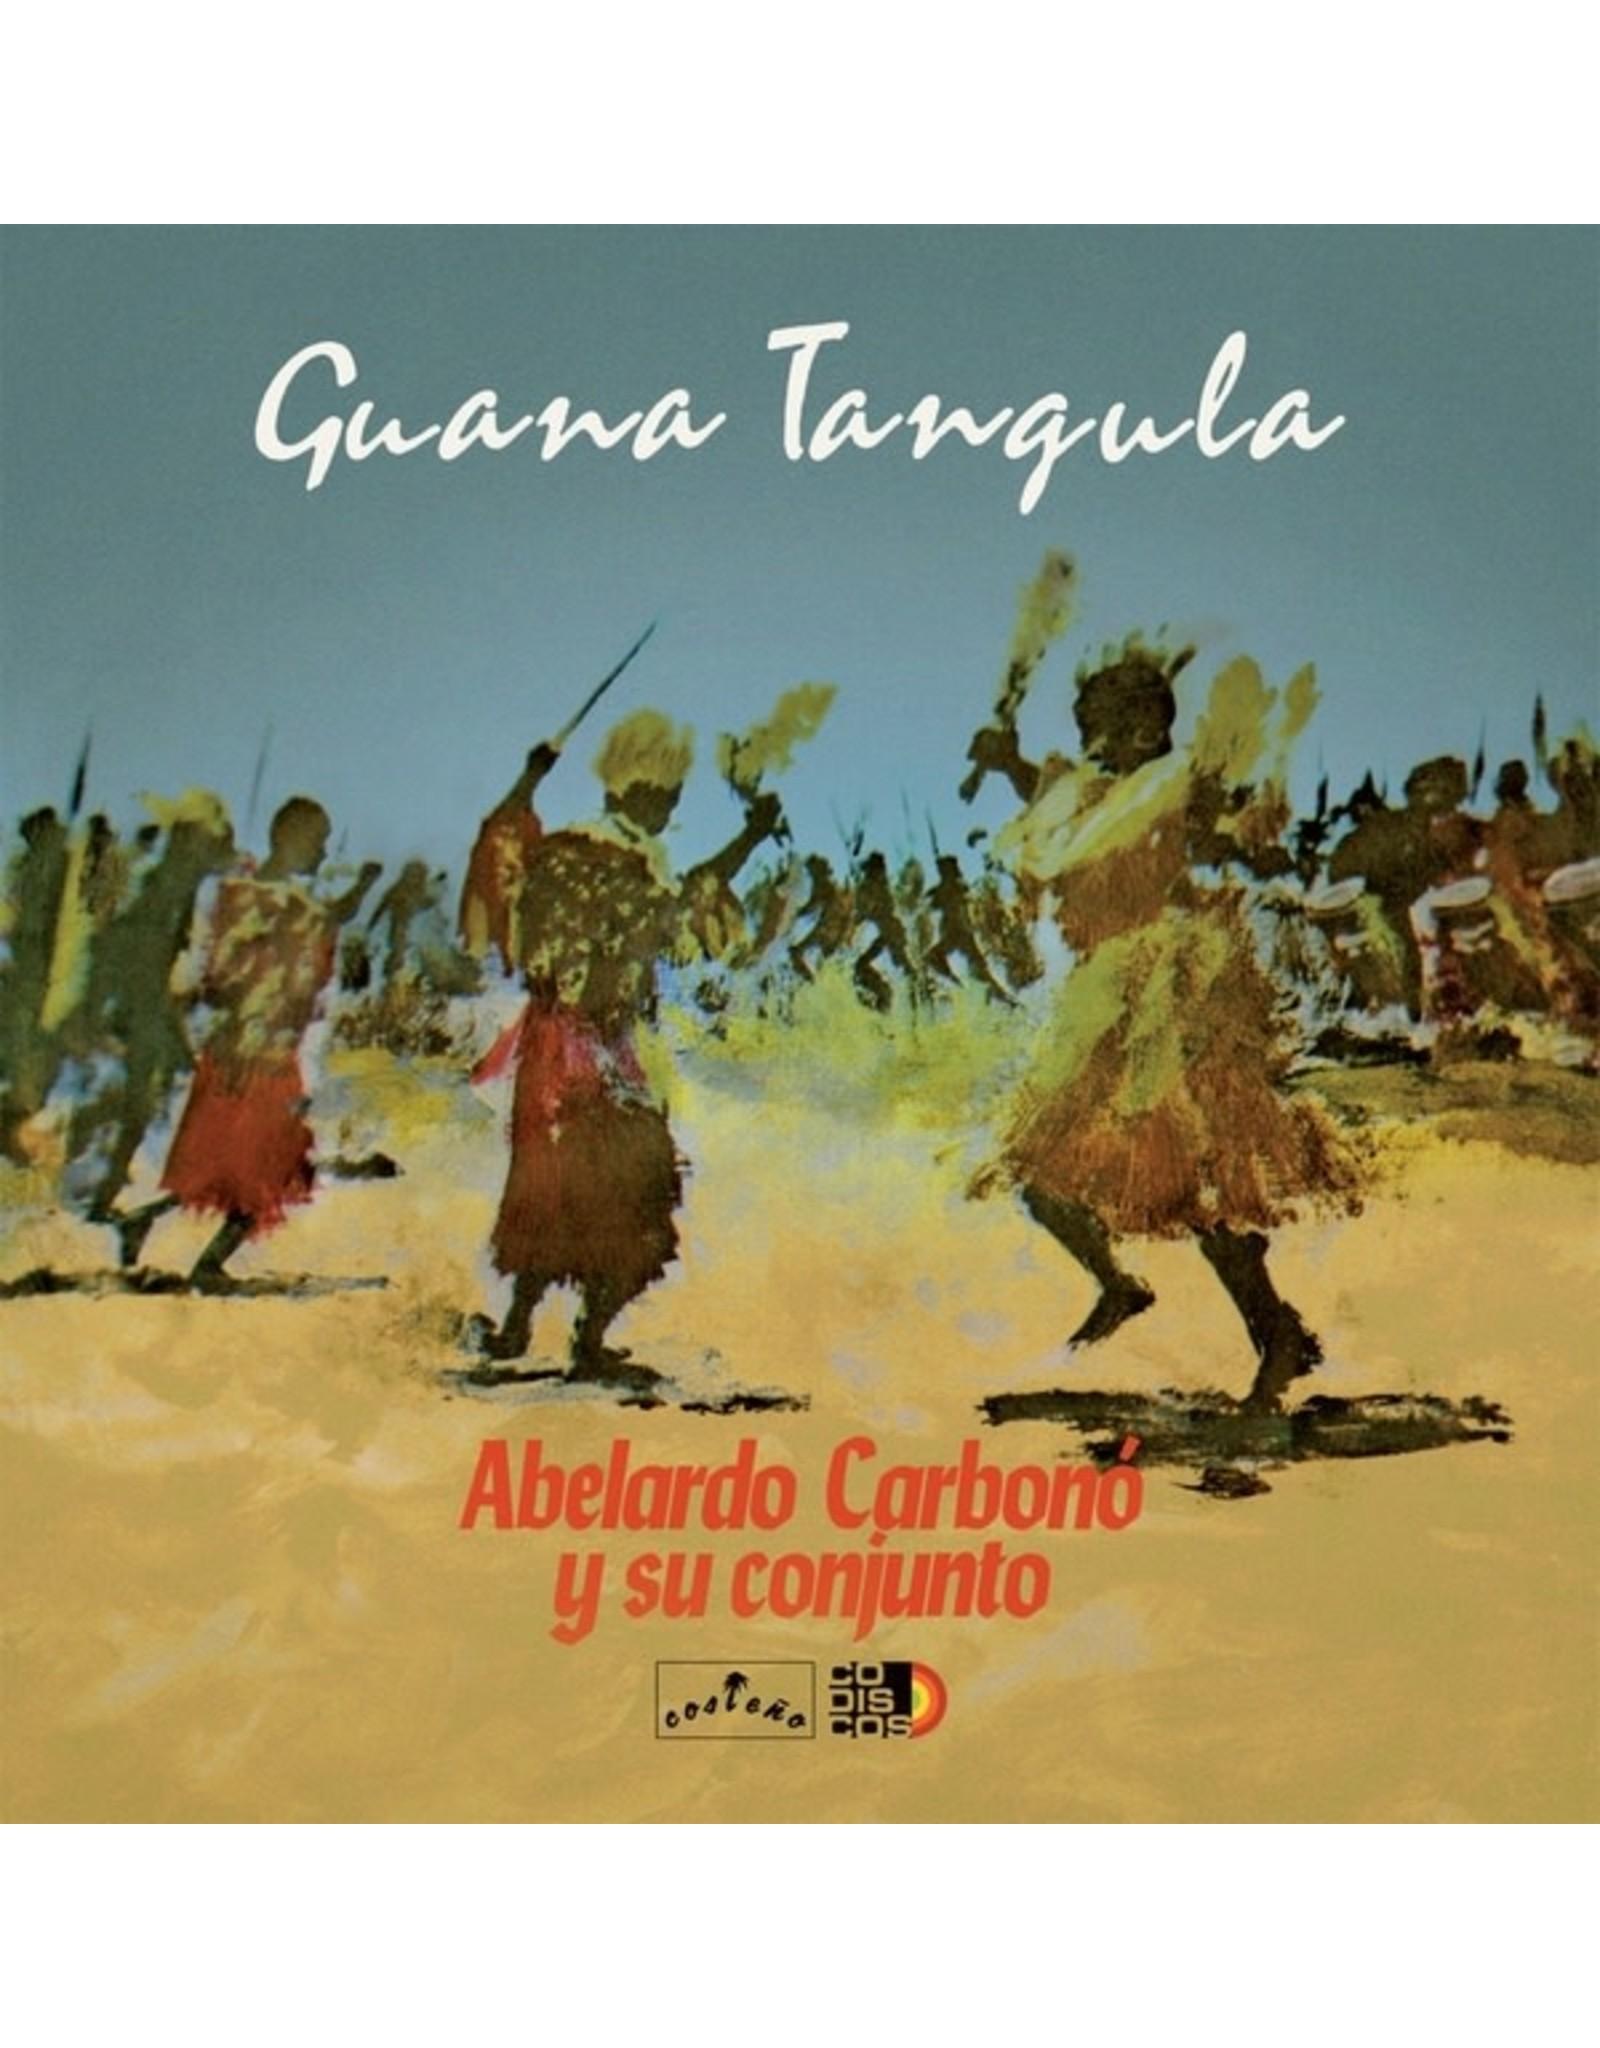 New Vinyl Abelardo Carbonó Y Su Conjunto - Guana Tangula LP